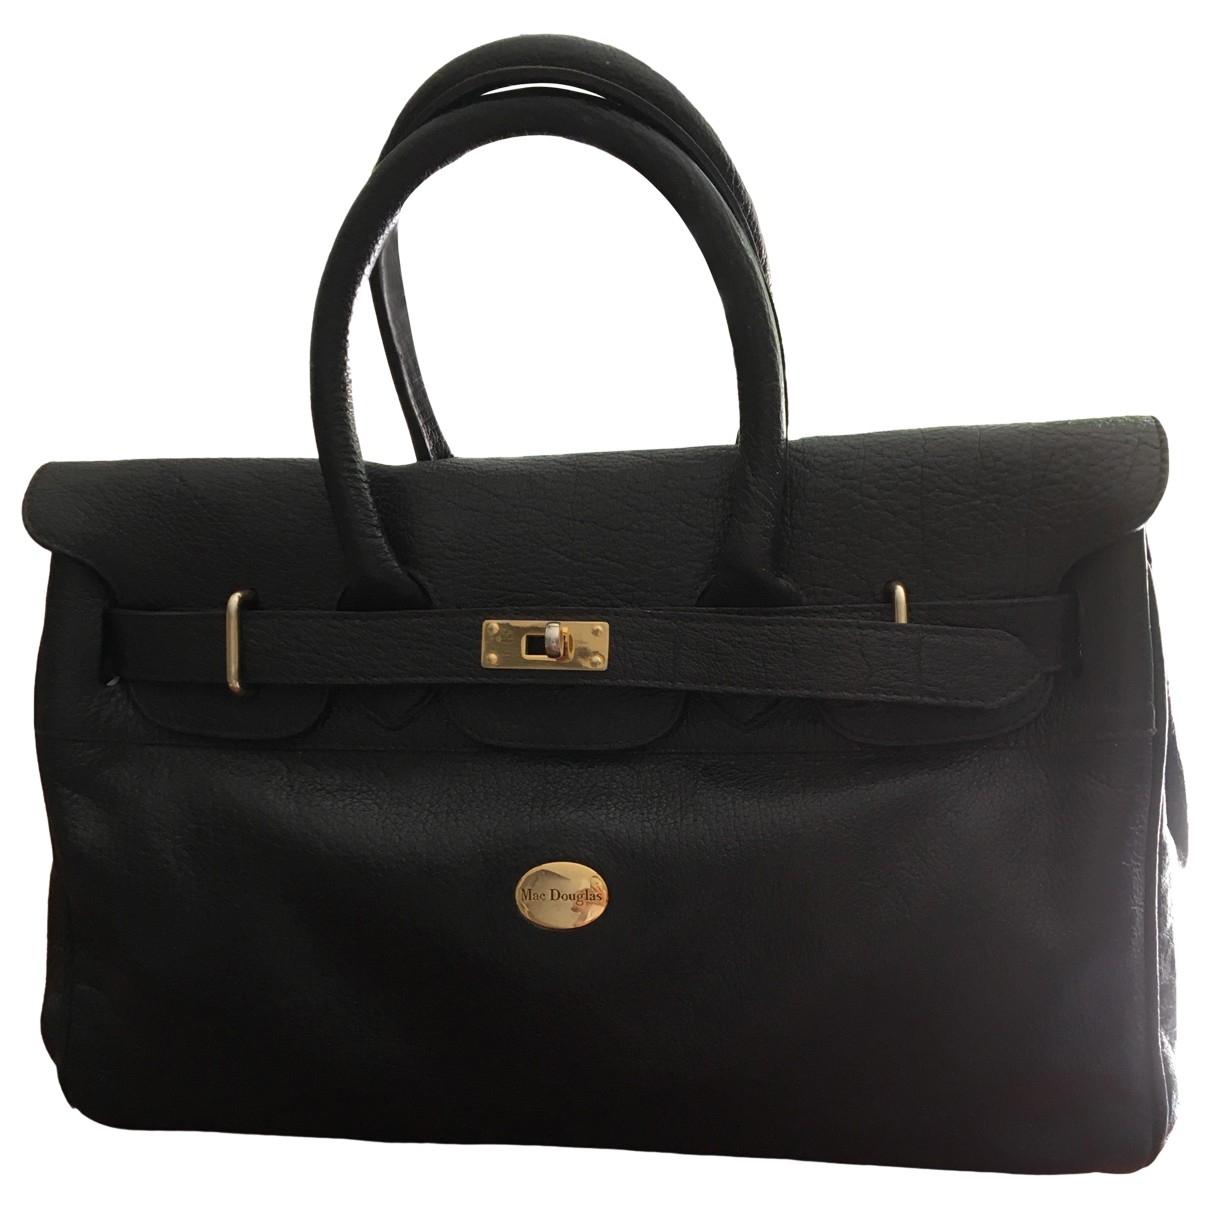 Mac Douglas \N Brown Leather handbag for Women \N